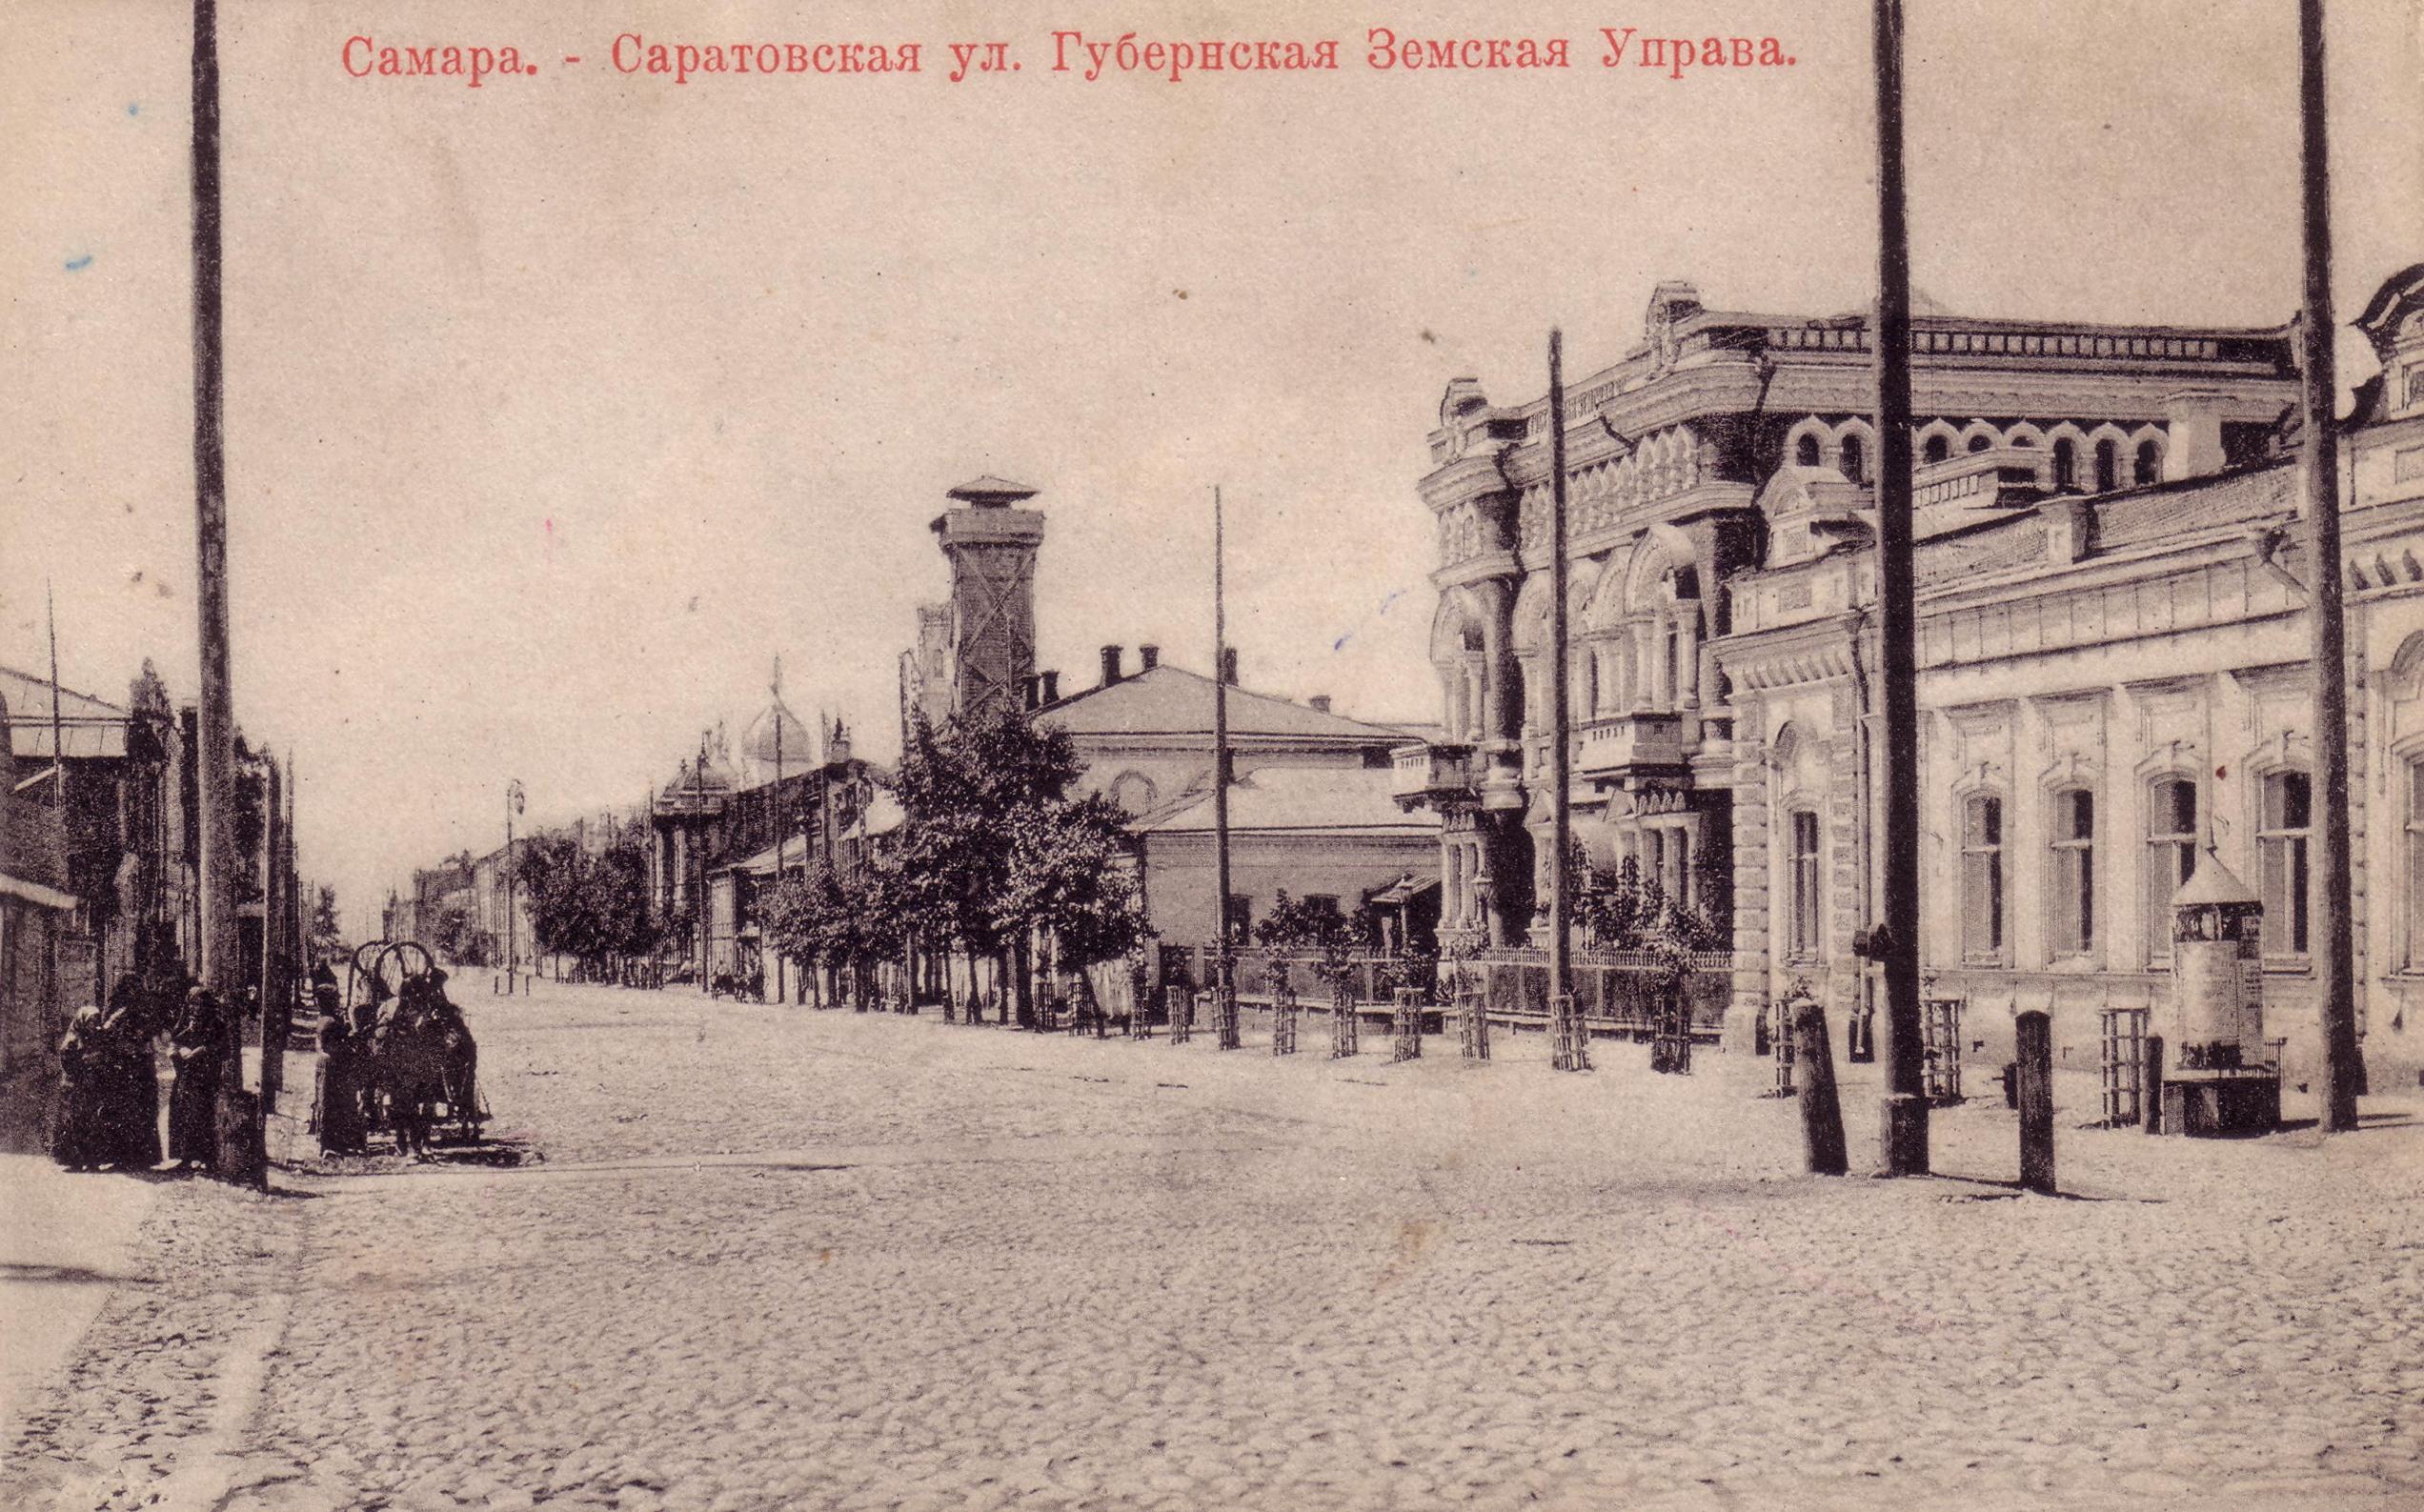 Саратовская улица. Губернская земская Управа